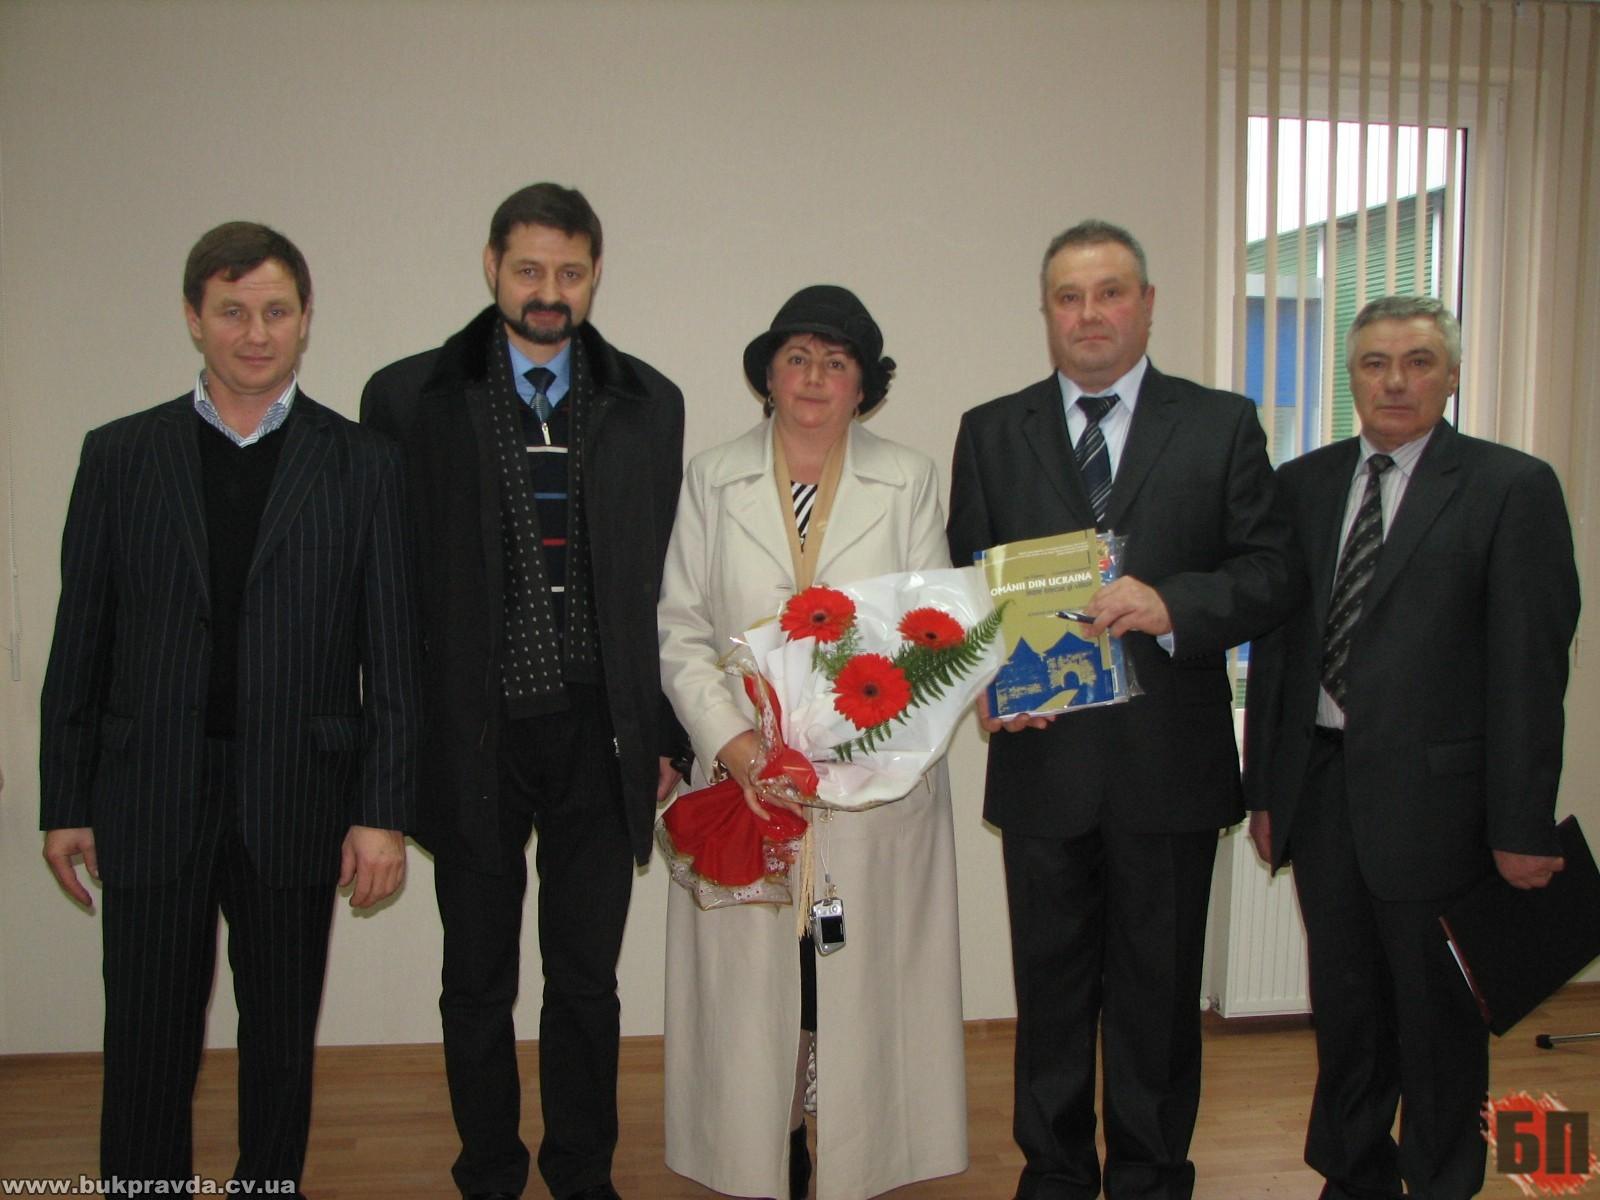 Іван Семенюк з друзями